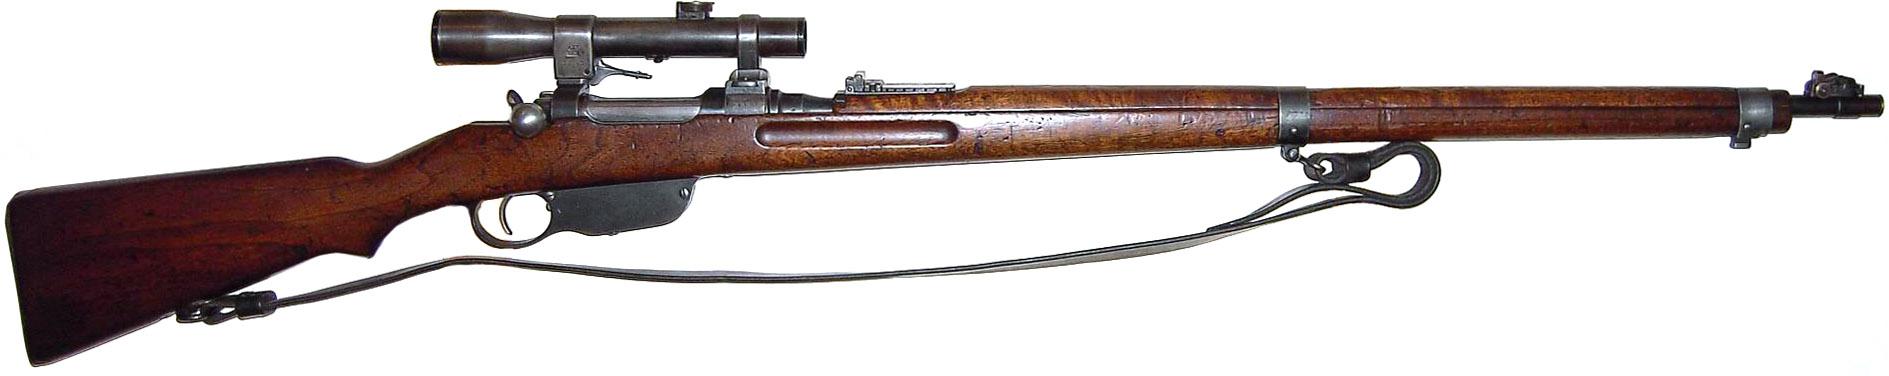 Mannlicher M1895)